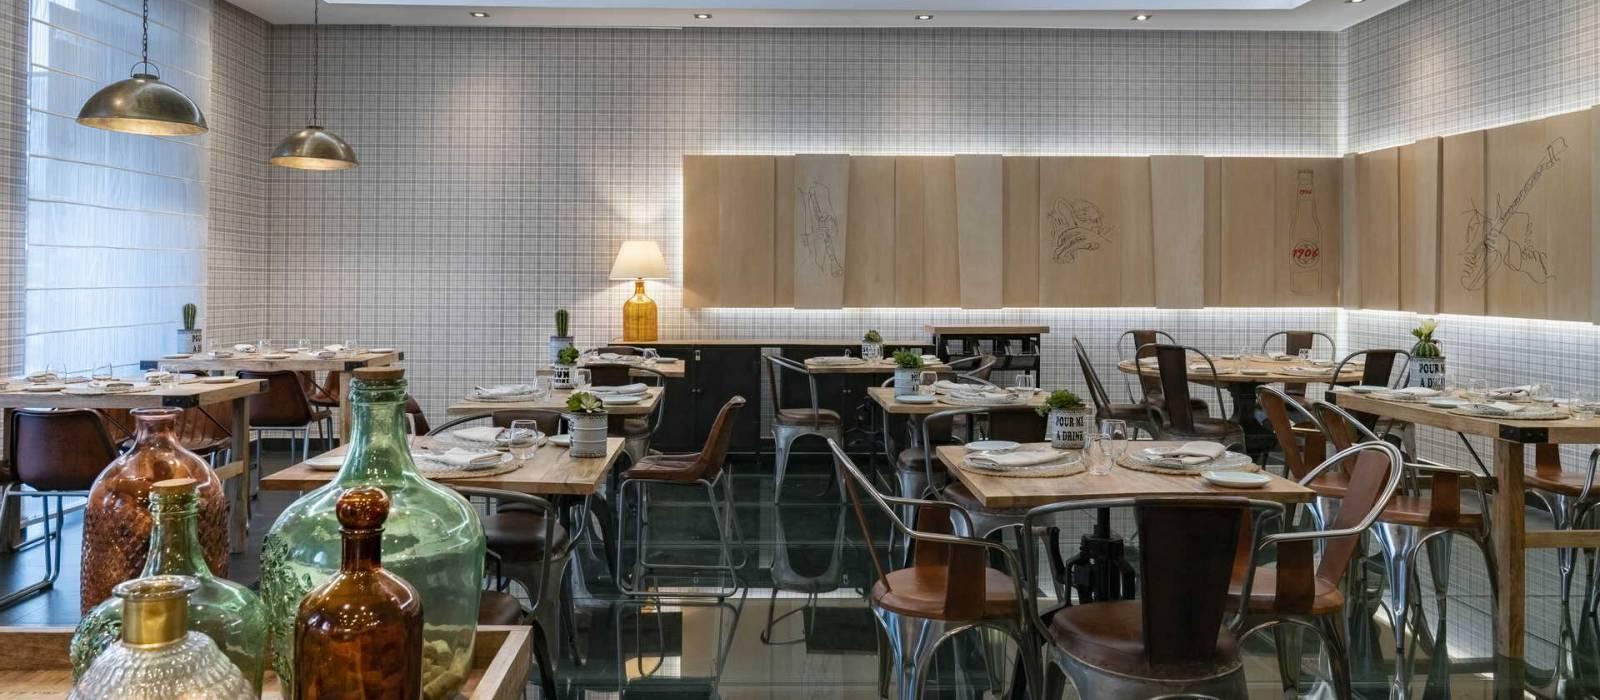 Das Hotel Vincci Posada del Patio liegt im Zentrum von Malaga und verfügt über ein Restaurant